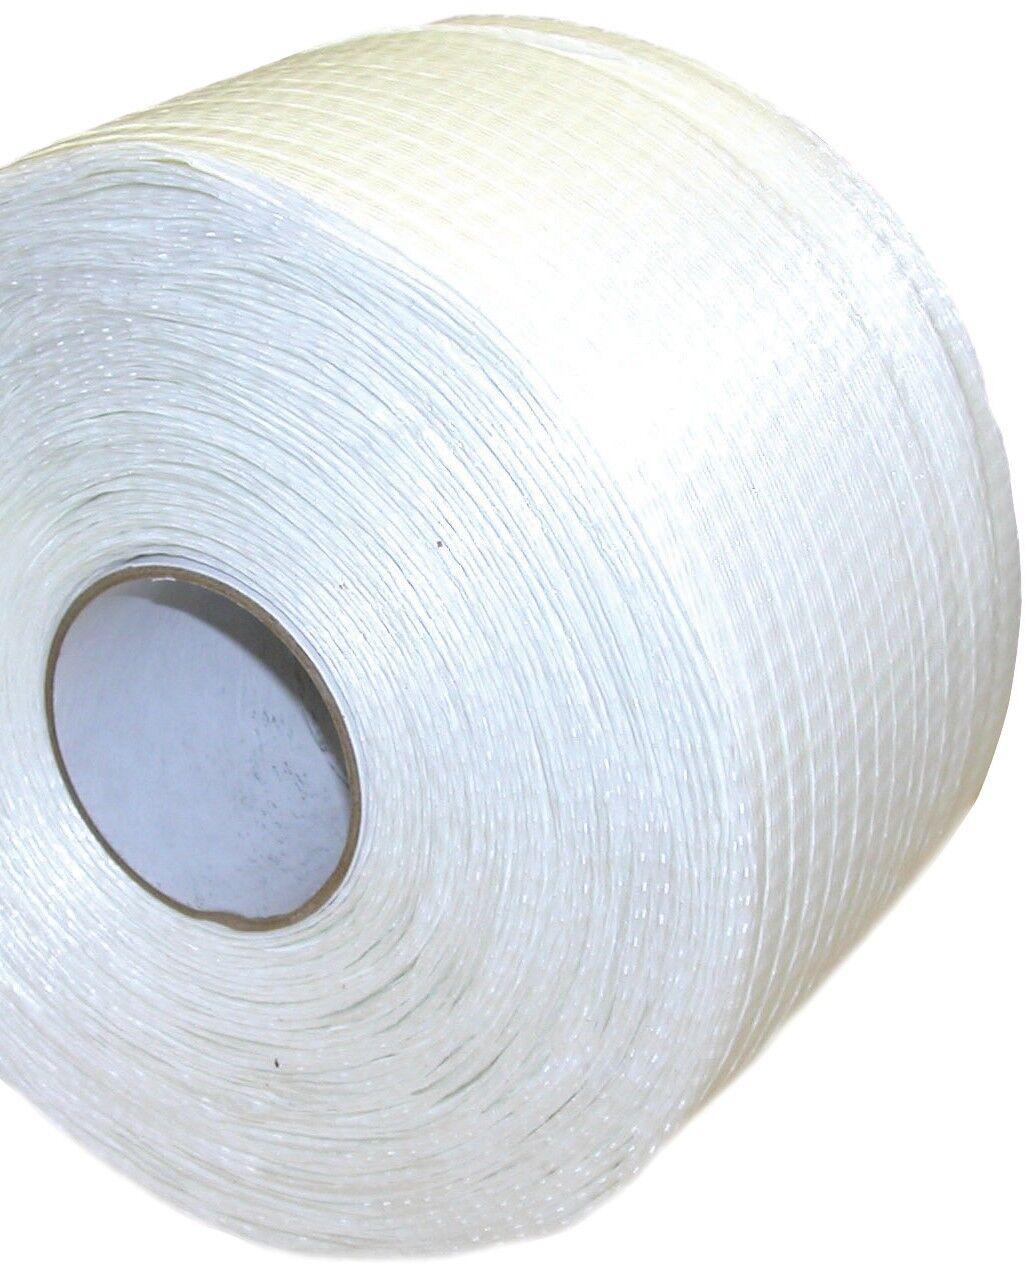 De 3 4 pulgadas X 2.100  pies (0,75 en. de Ancho) de tejido cord de flejado Dr. Shrink ds-750  artículos novedosos